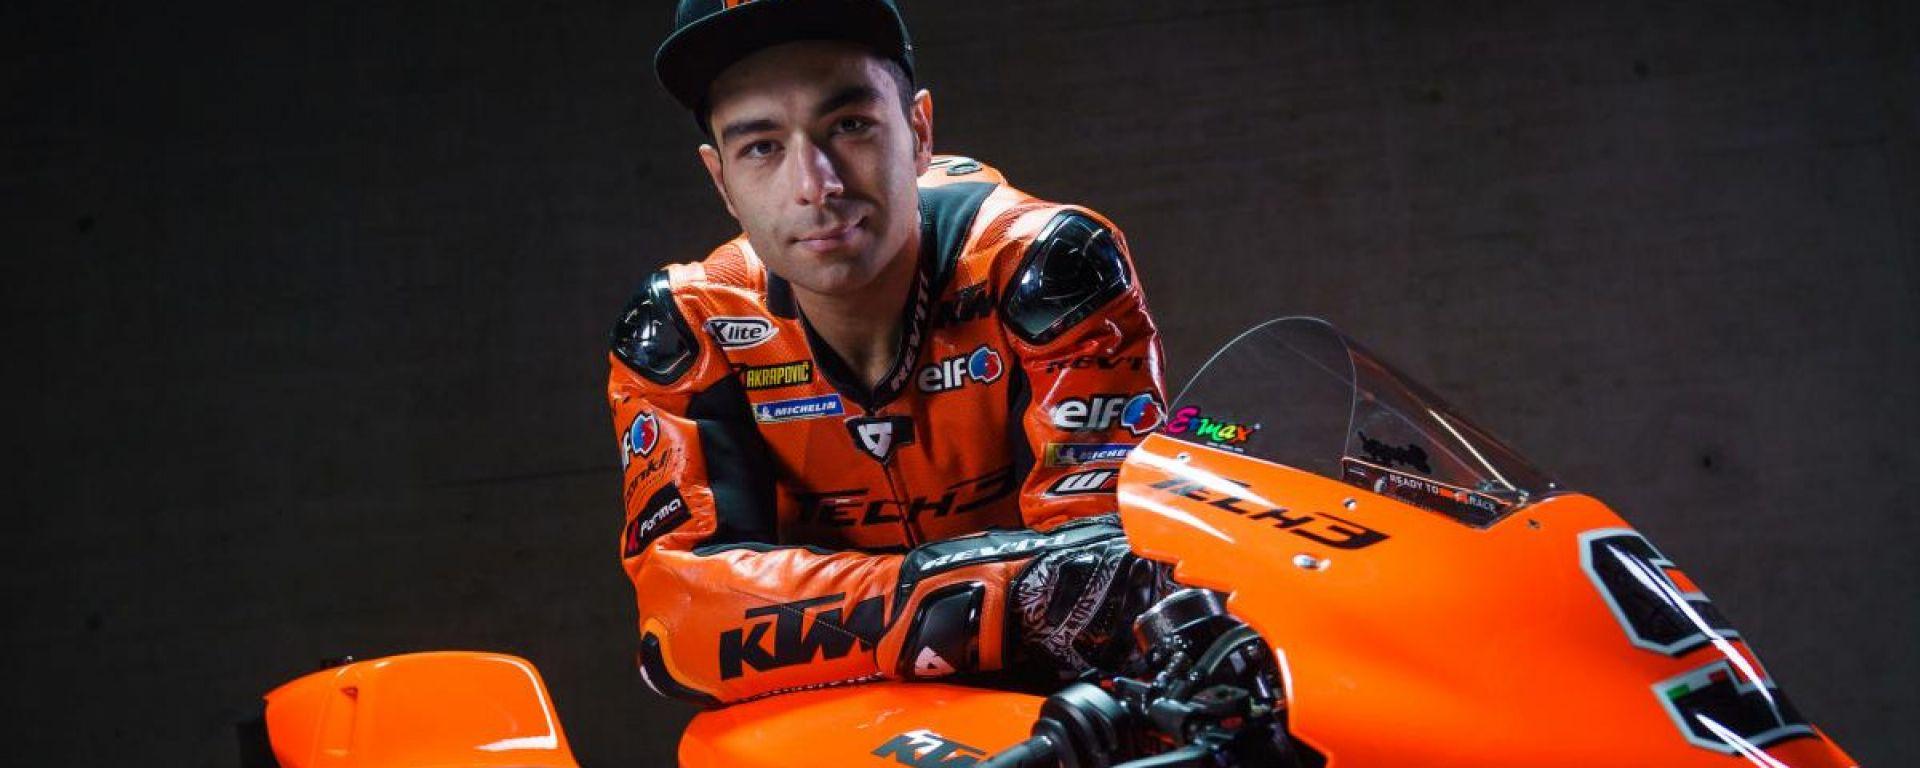 MotoGP 2021, Tech3 KTM Factory Racing, KTM RC16, Danilo Petrucci